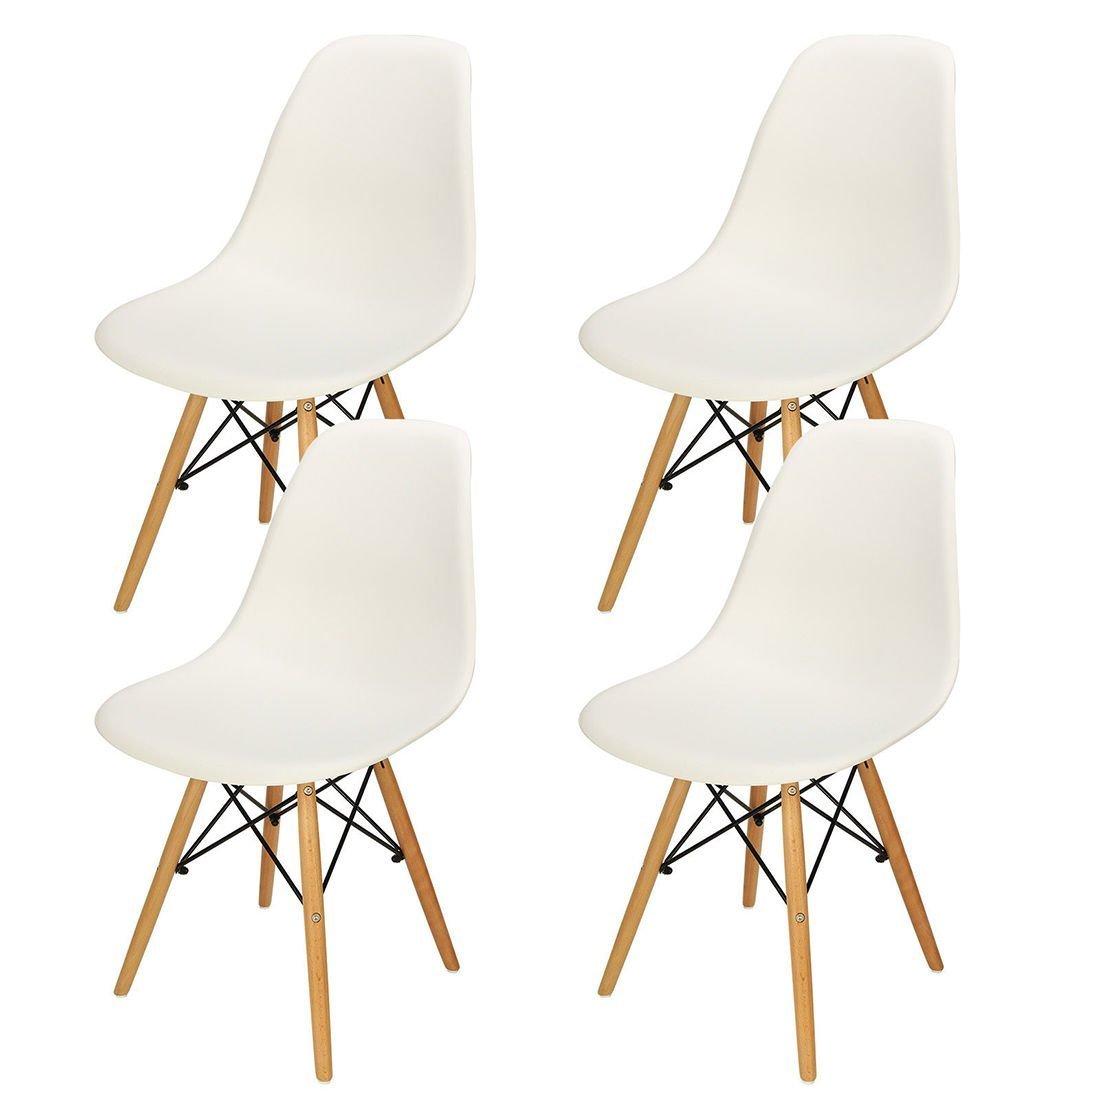 Joolihome 4x Eiffel sedia in plastica legno retro bianco moderno mobili per salotto, scrivania, patio, terrazza, ufficio, cucina, lounge, caffetterie e altro, White, 1 chair